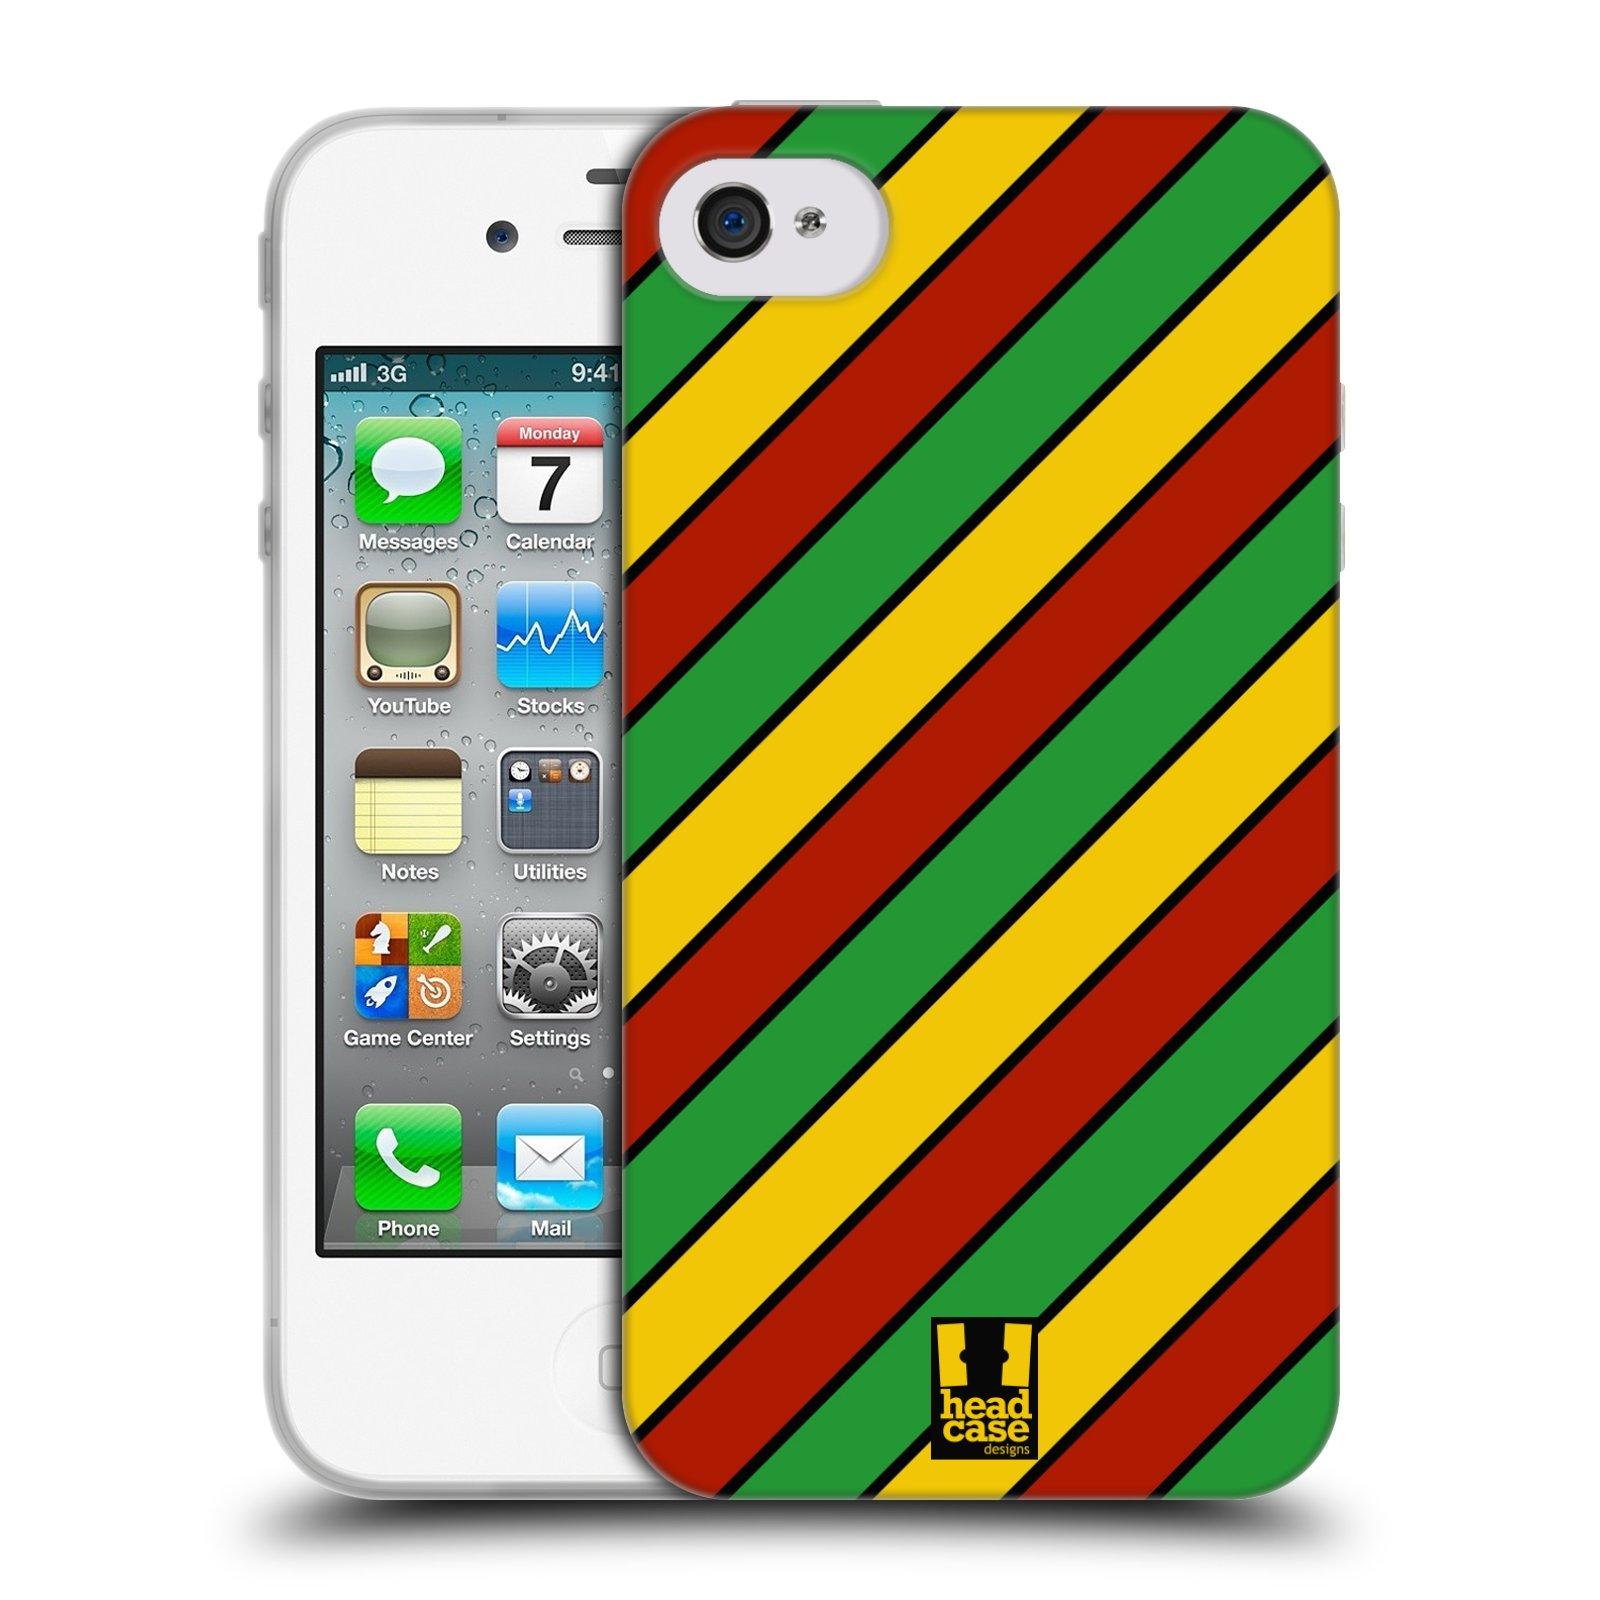 HEAD CASE silikonový obal na mobil Apple Iphone 4/4S vzor Rasta barevné vzory PRUHY